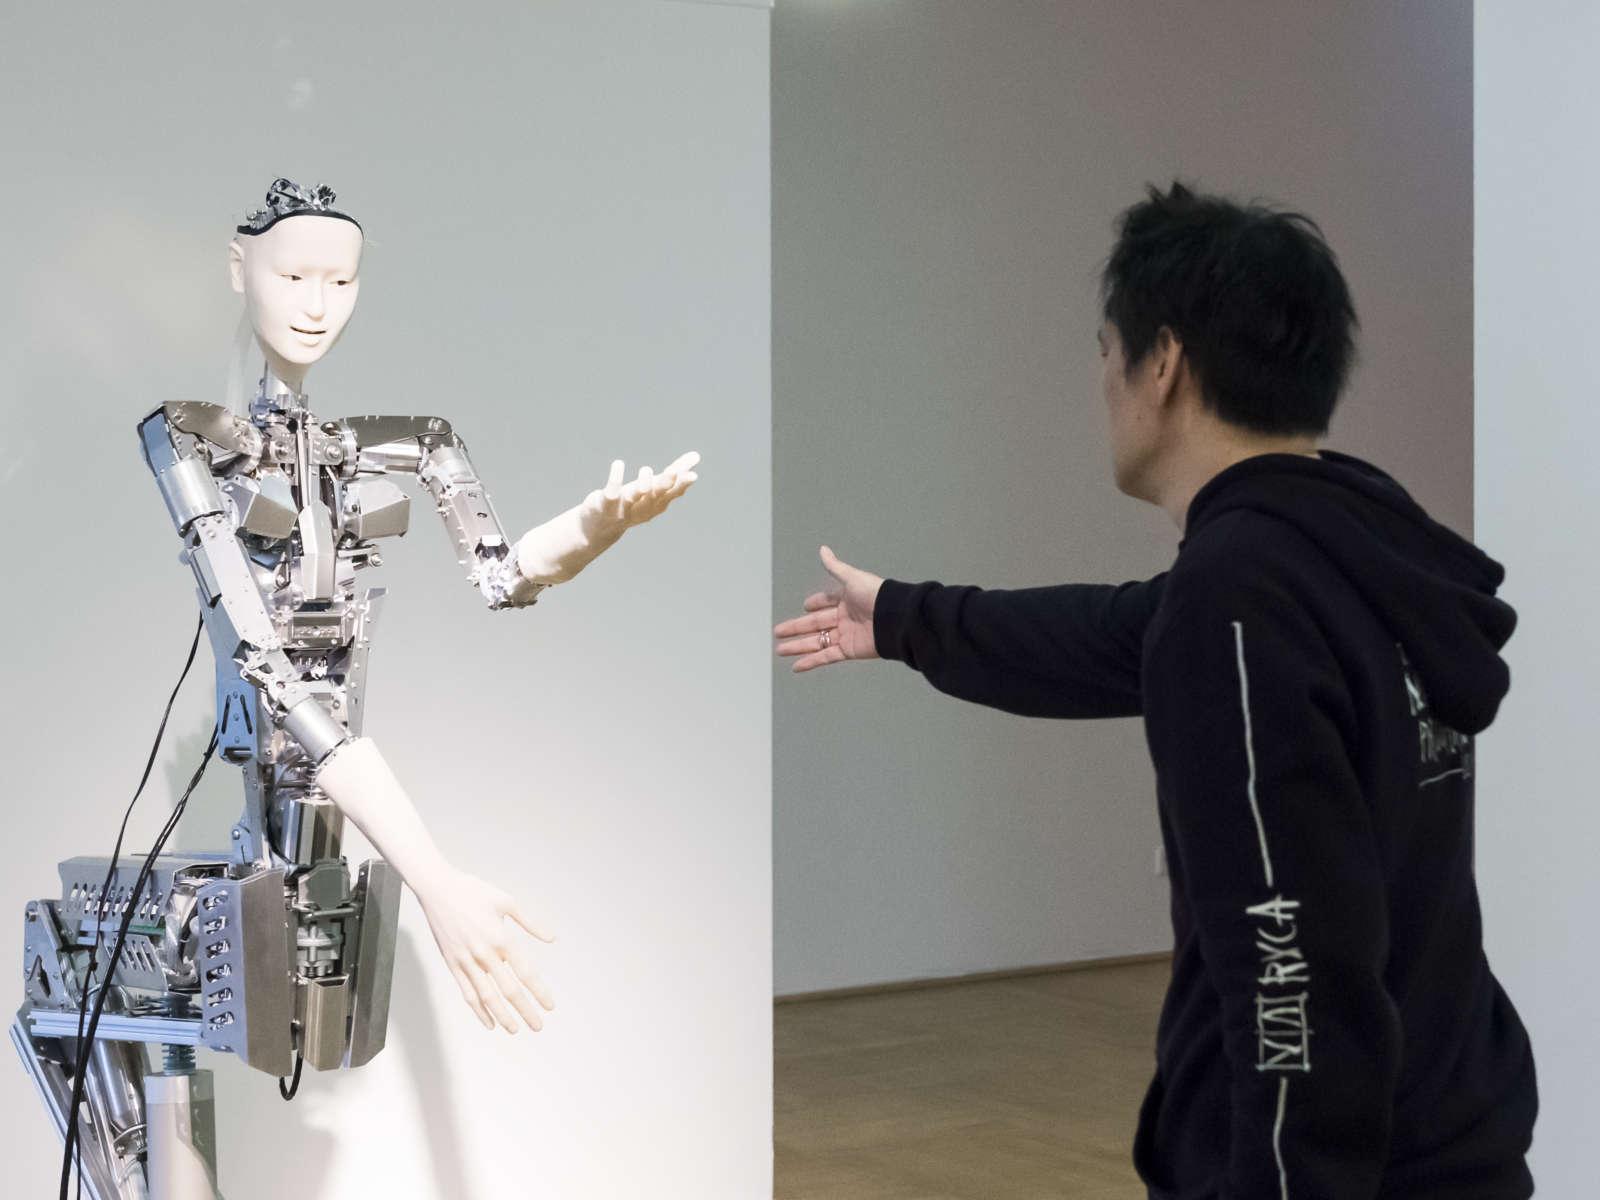 Ein schwarz gekleideter Mann reicht einem Roboter die Hand in der Ausstellung Körperwende